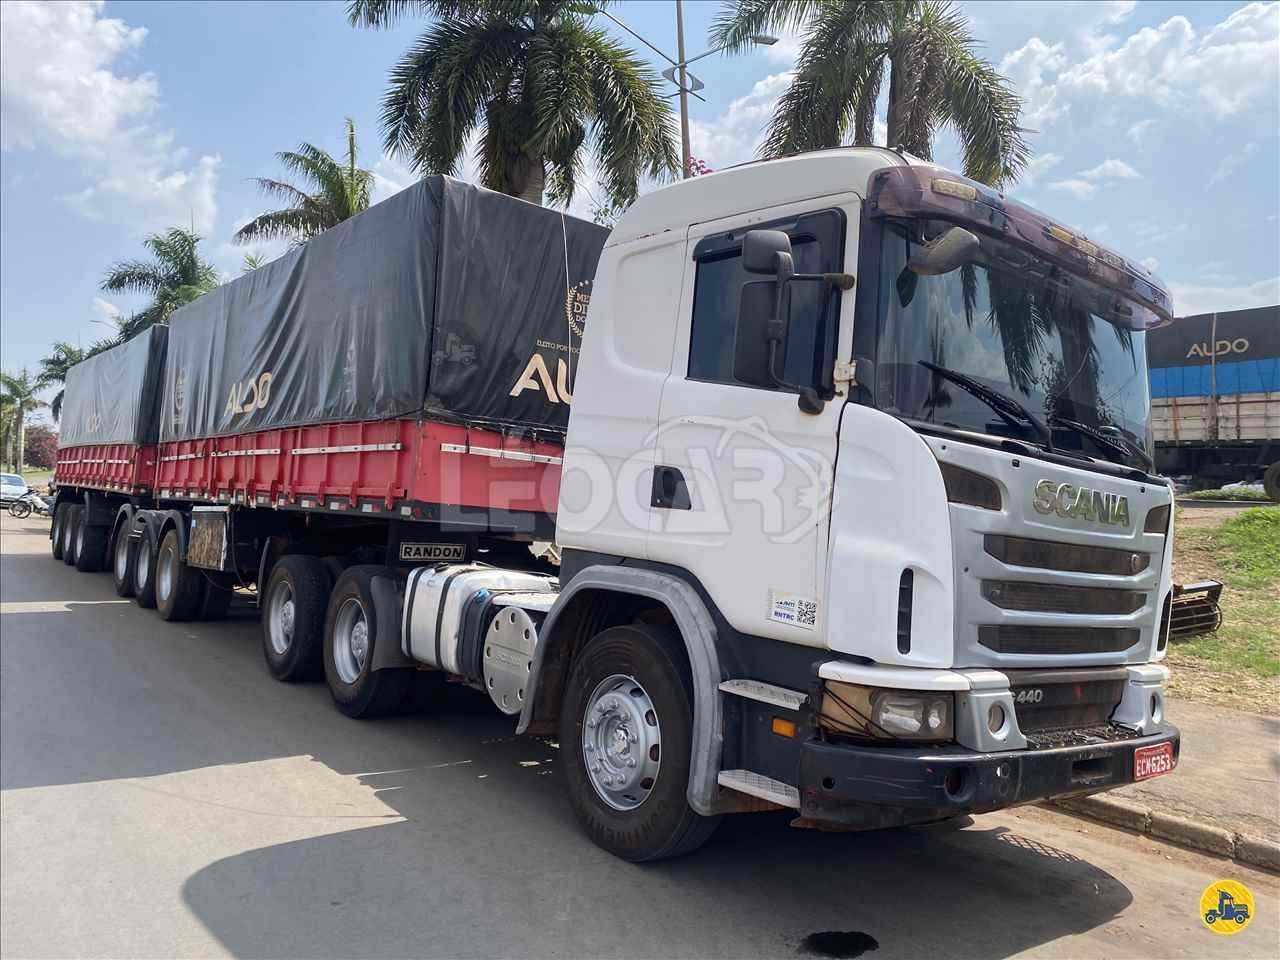 CAMINHAO SCANIA SCANIA 440 Graneleiro Traçado 6x4 Leocar Caminhões PRIMAVERA DO LESTE MATO GROSSO MT